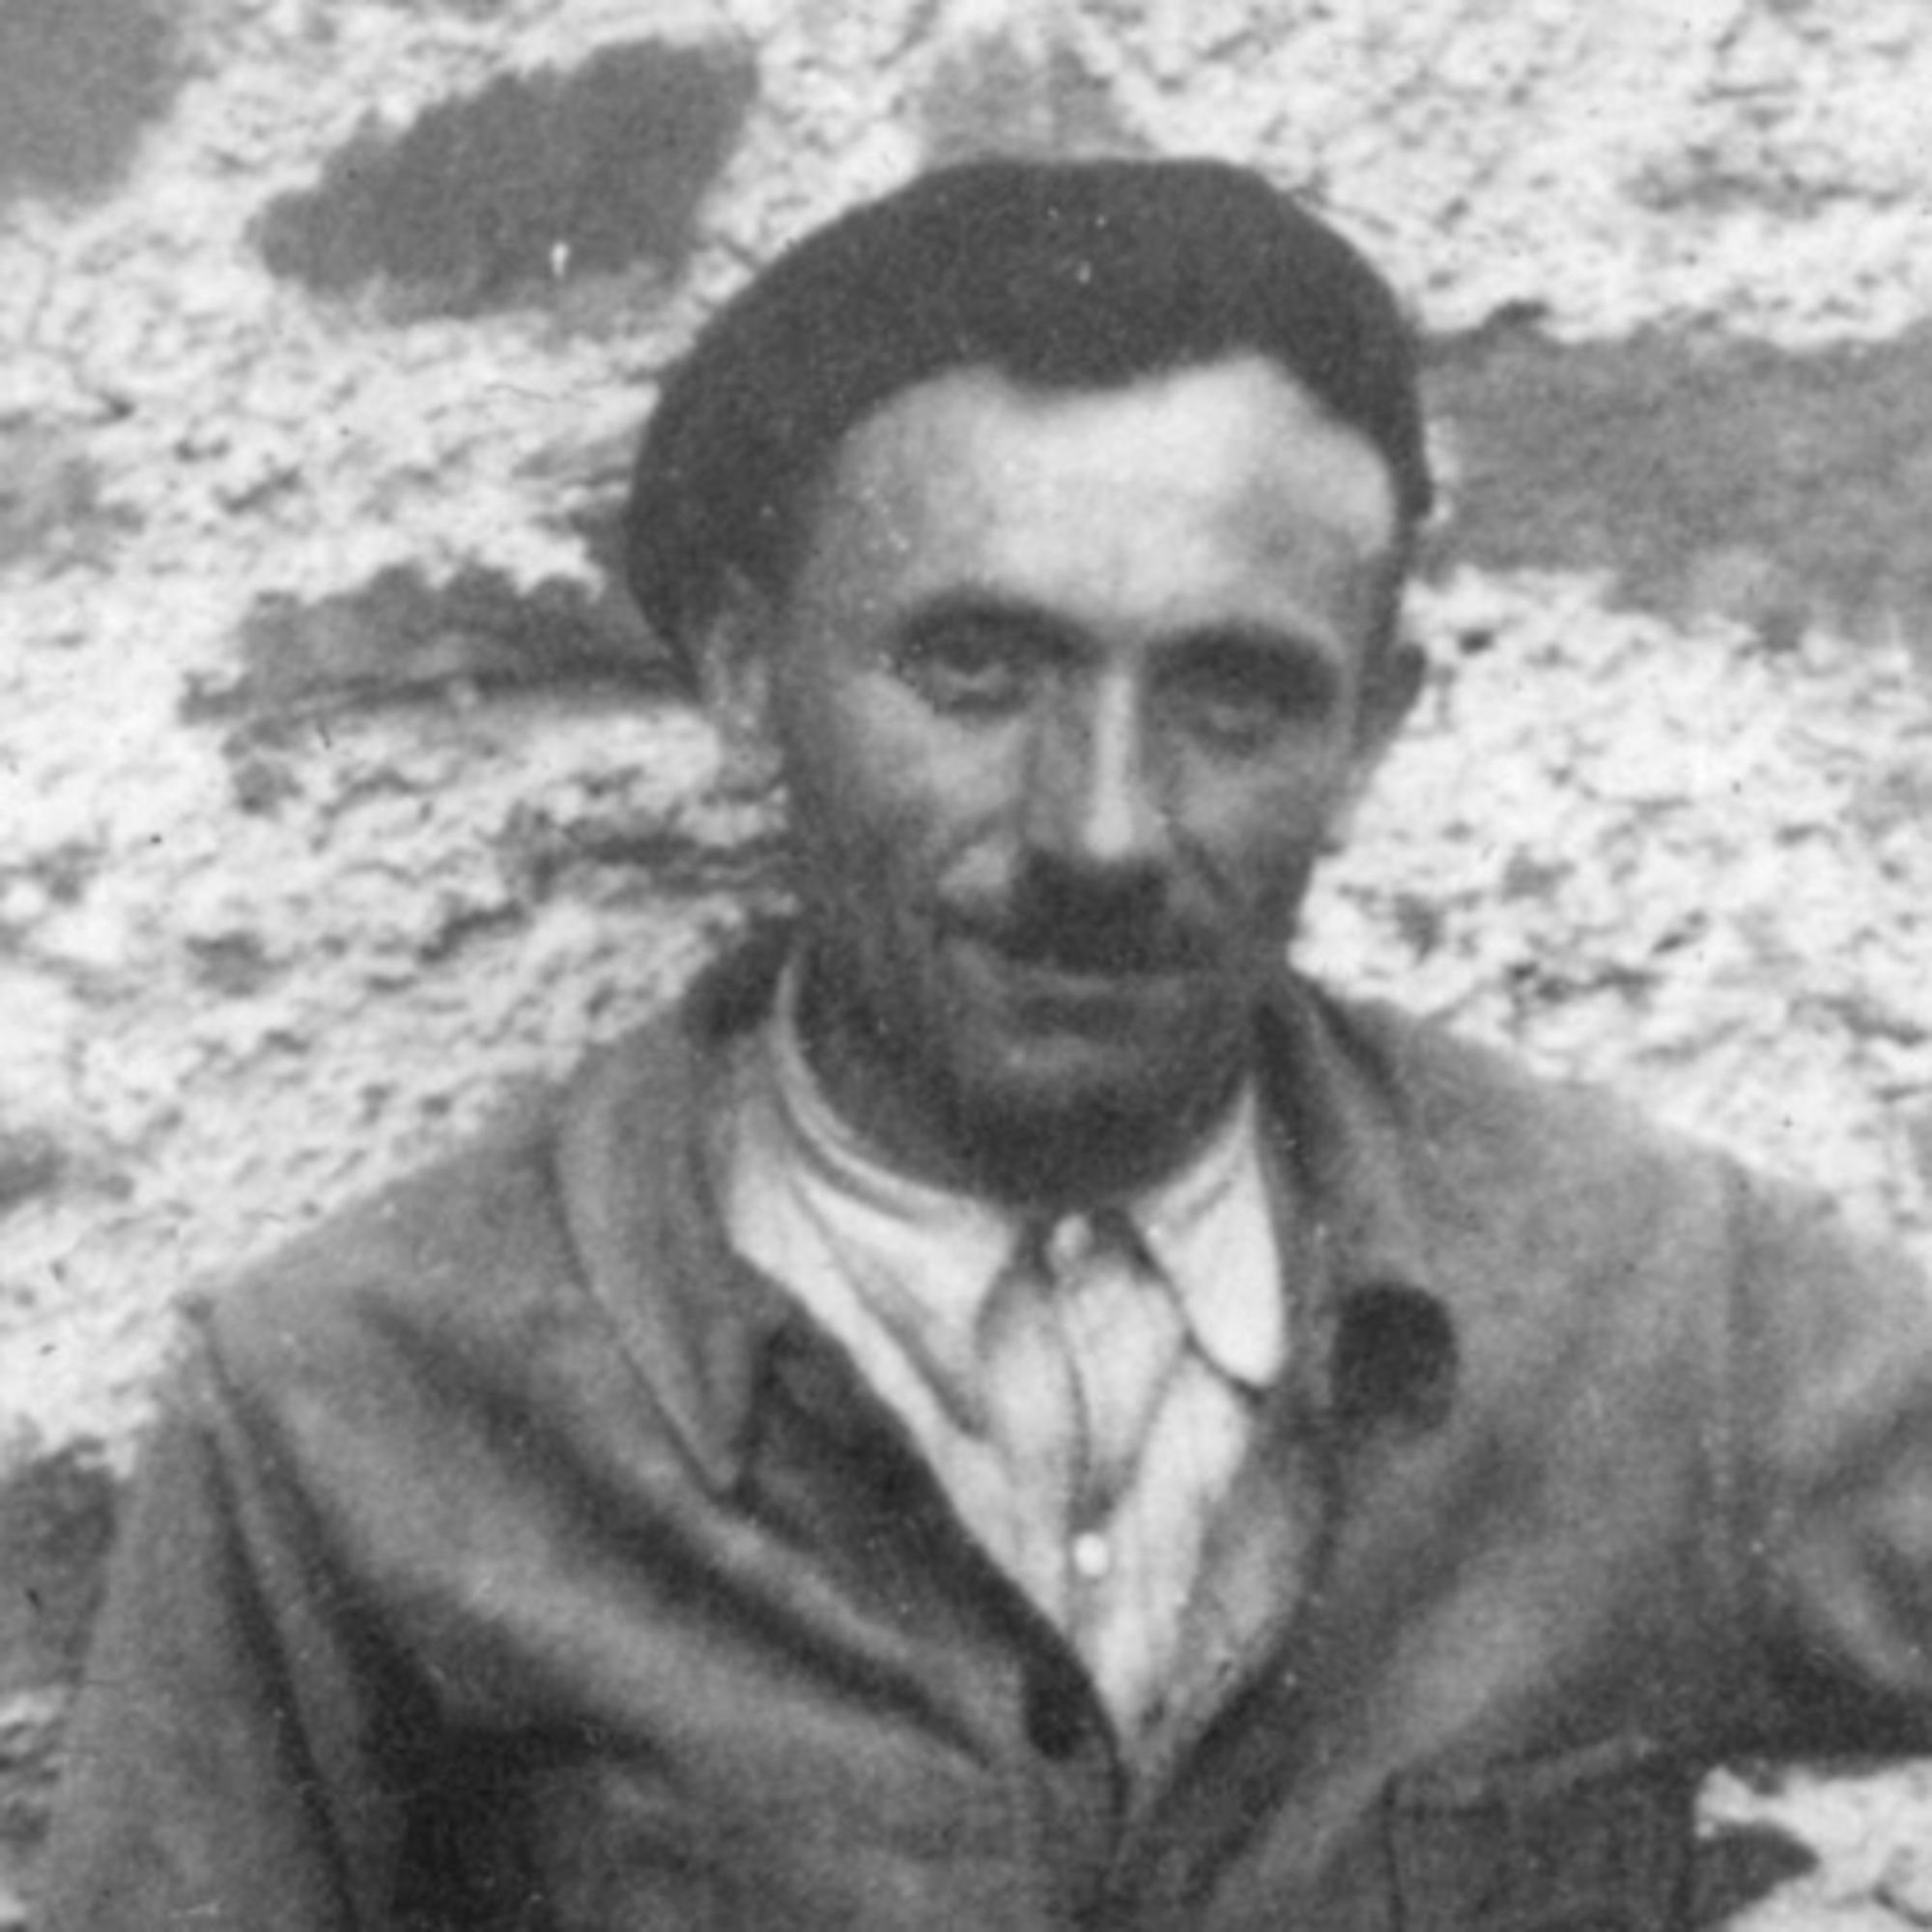 Joseph Le Meur portrait